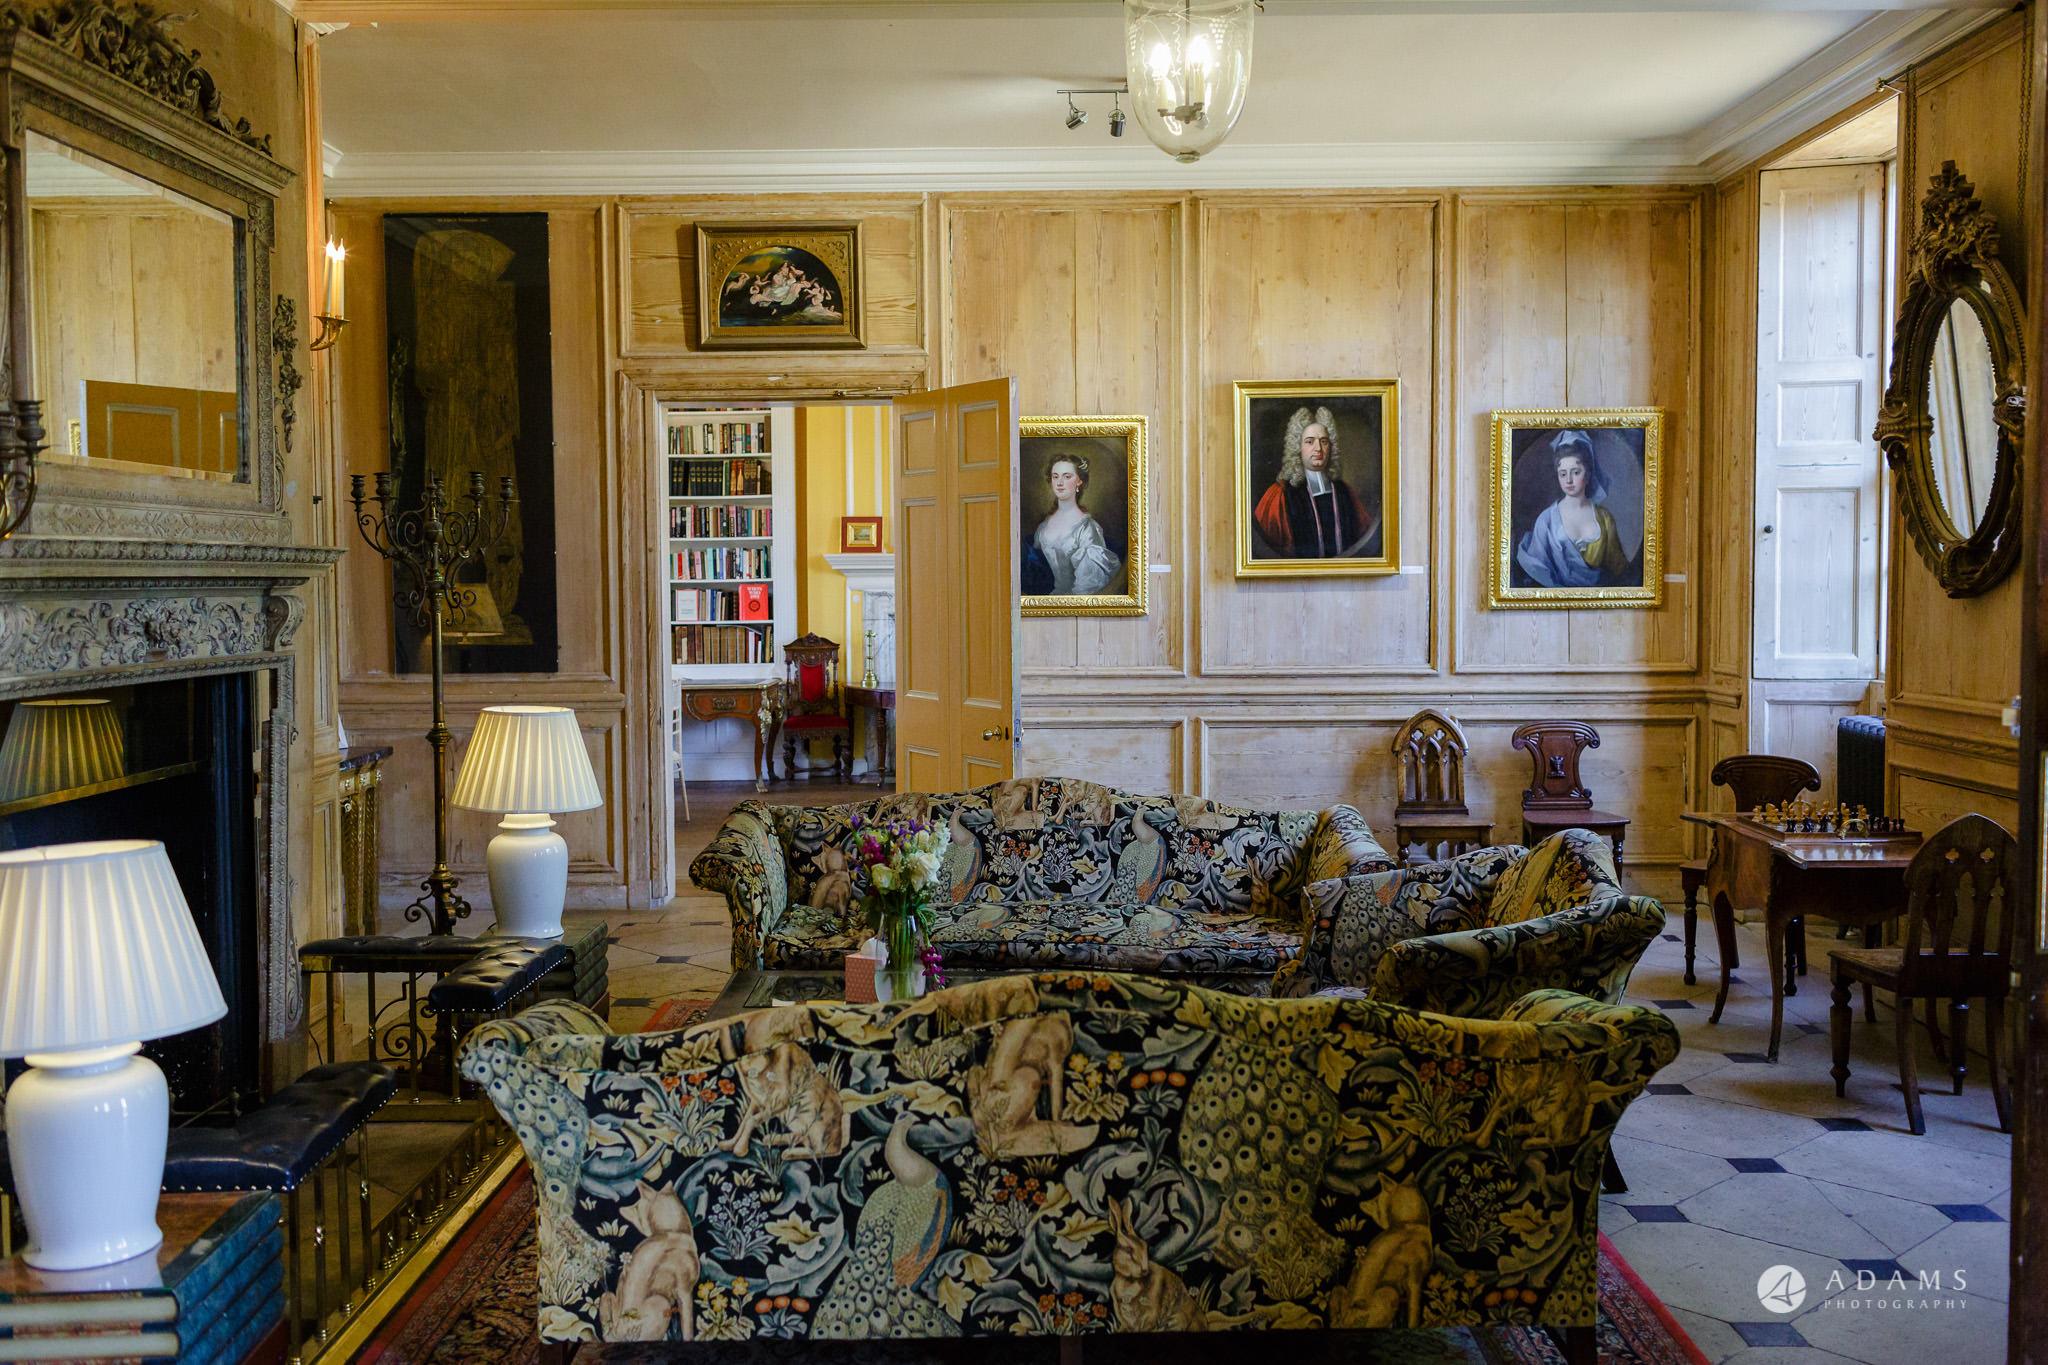 Trinity College Cambridge wedding reception venue interior